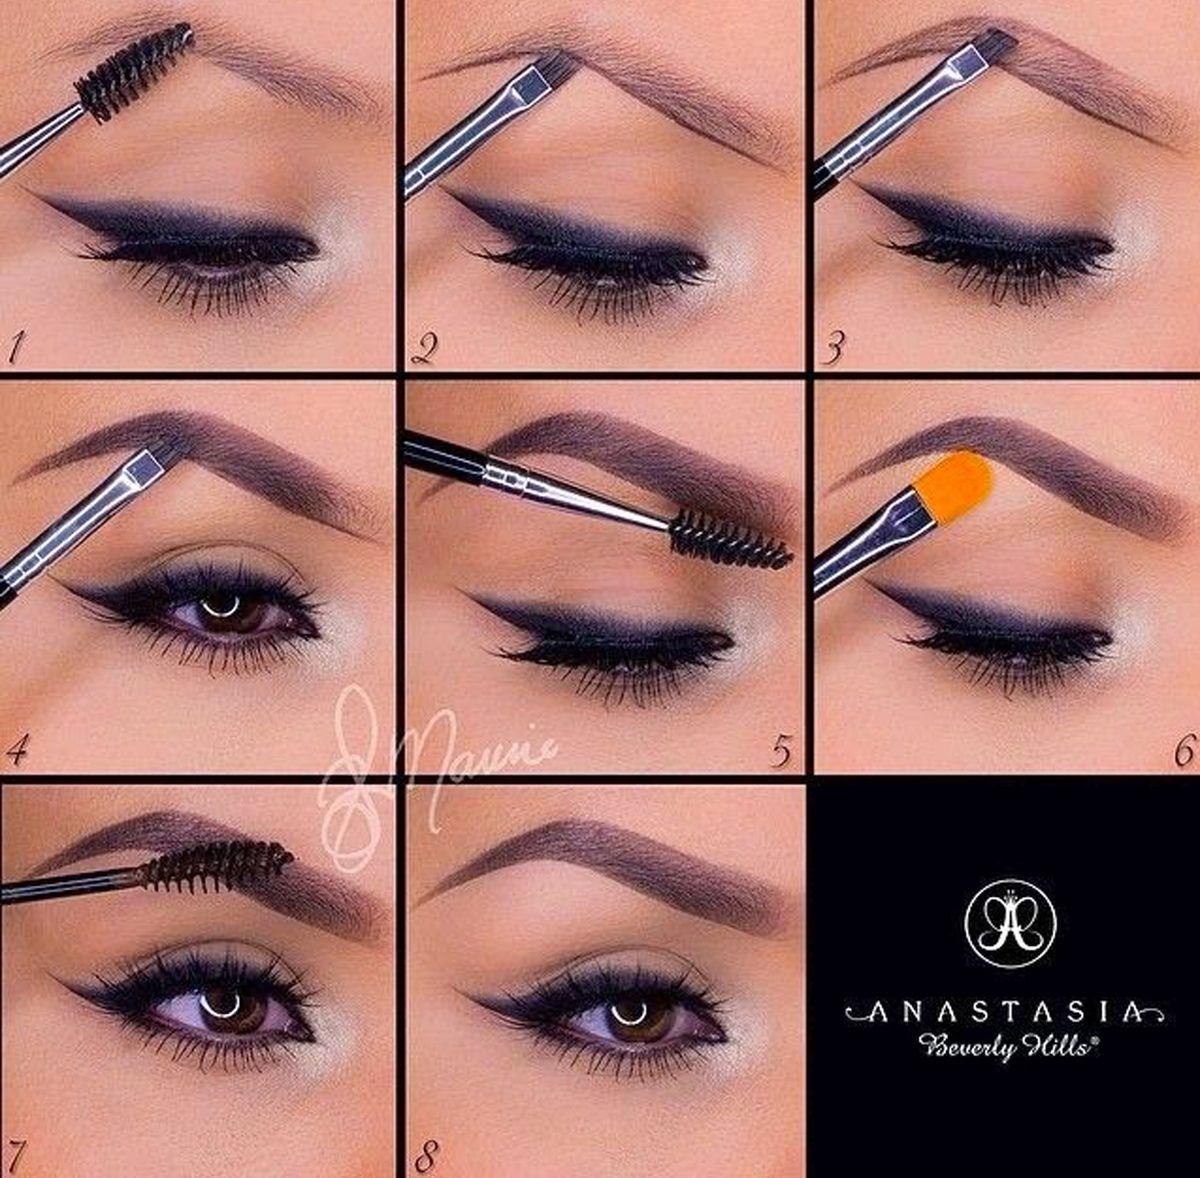 макияж для начинающих уроки в картинках получившуюся